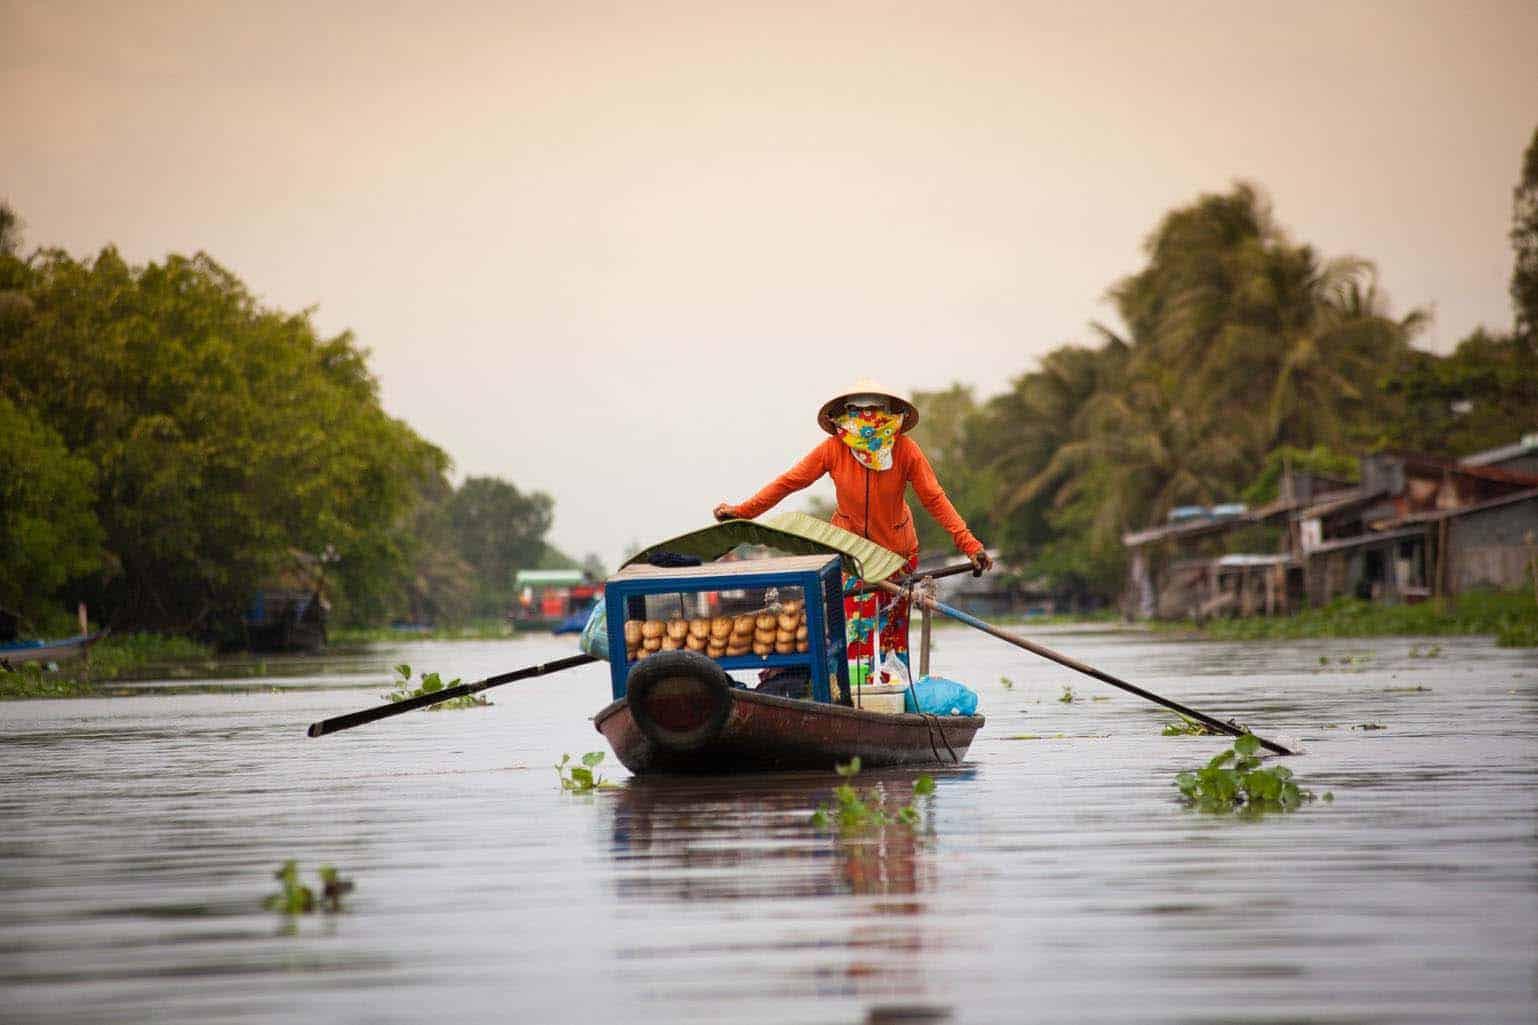 Deep into the Mekong